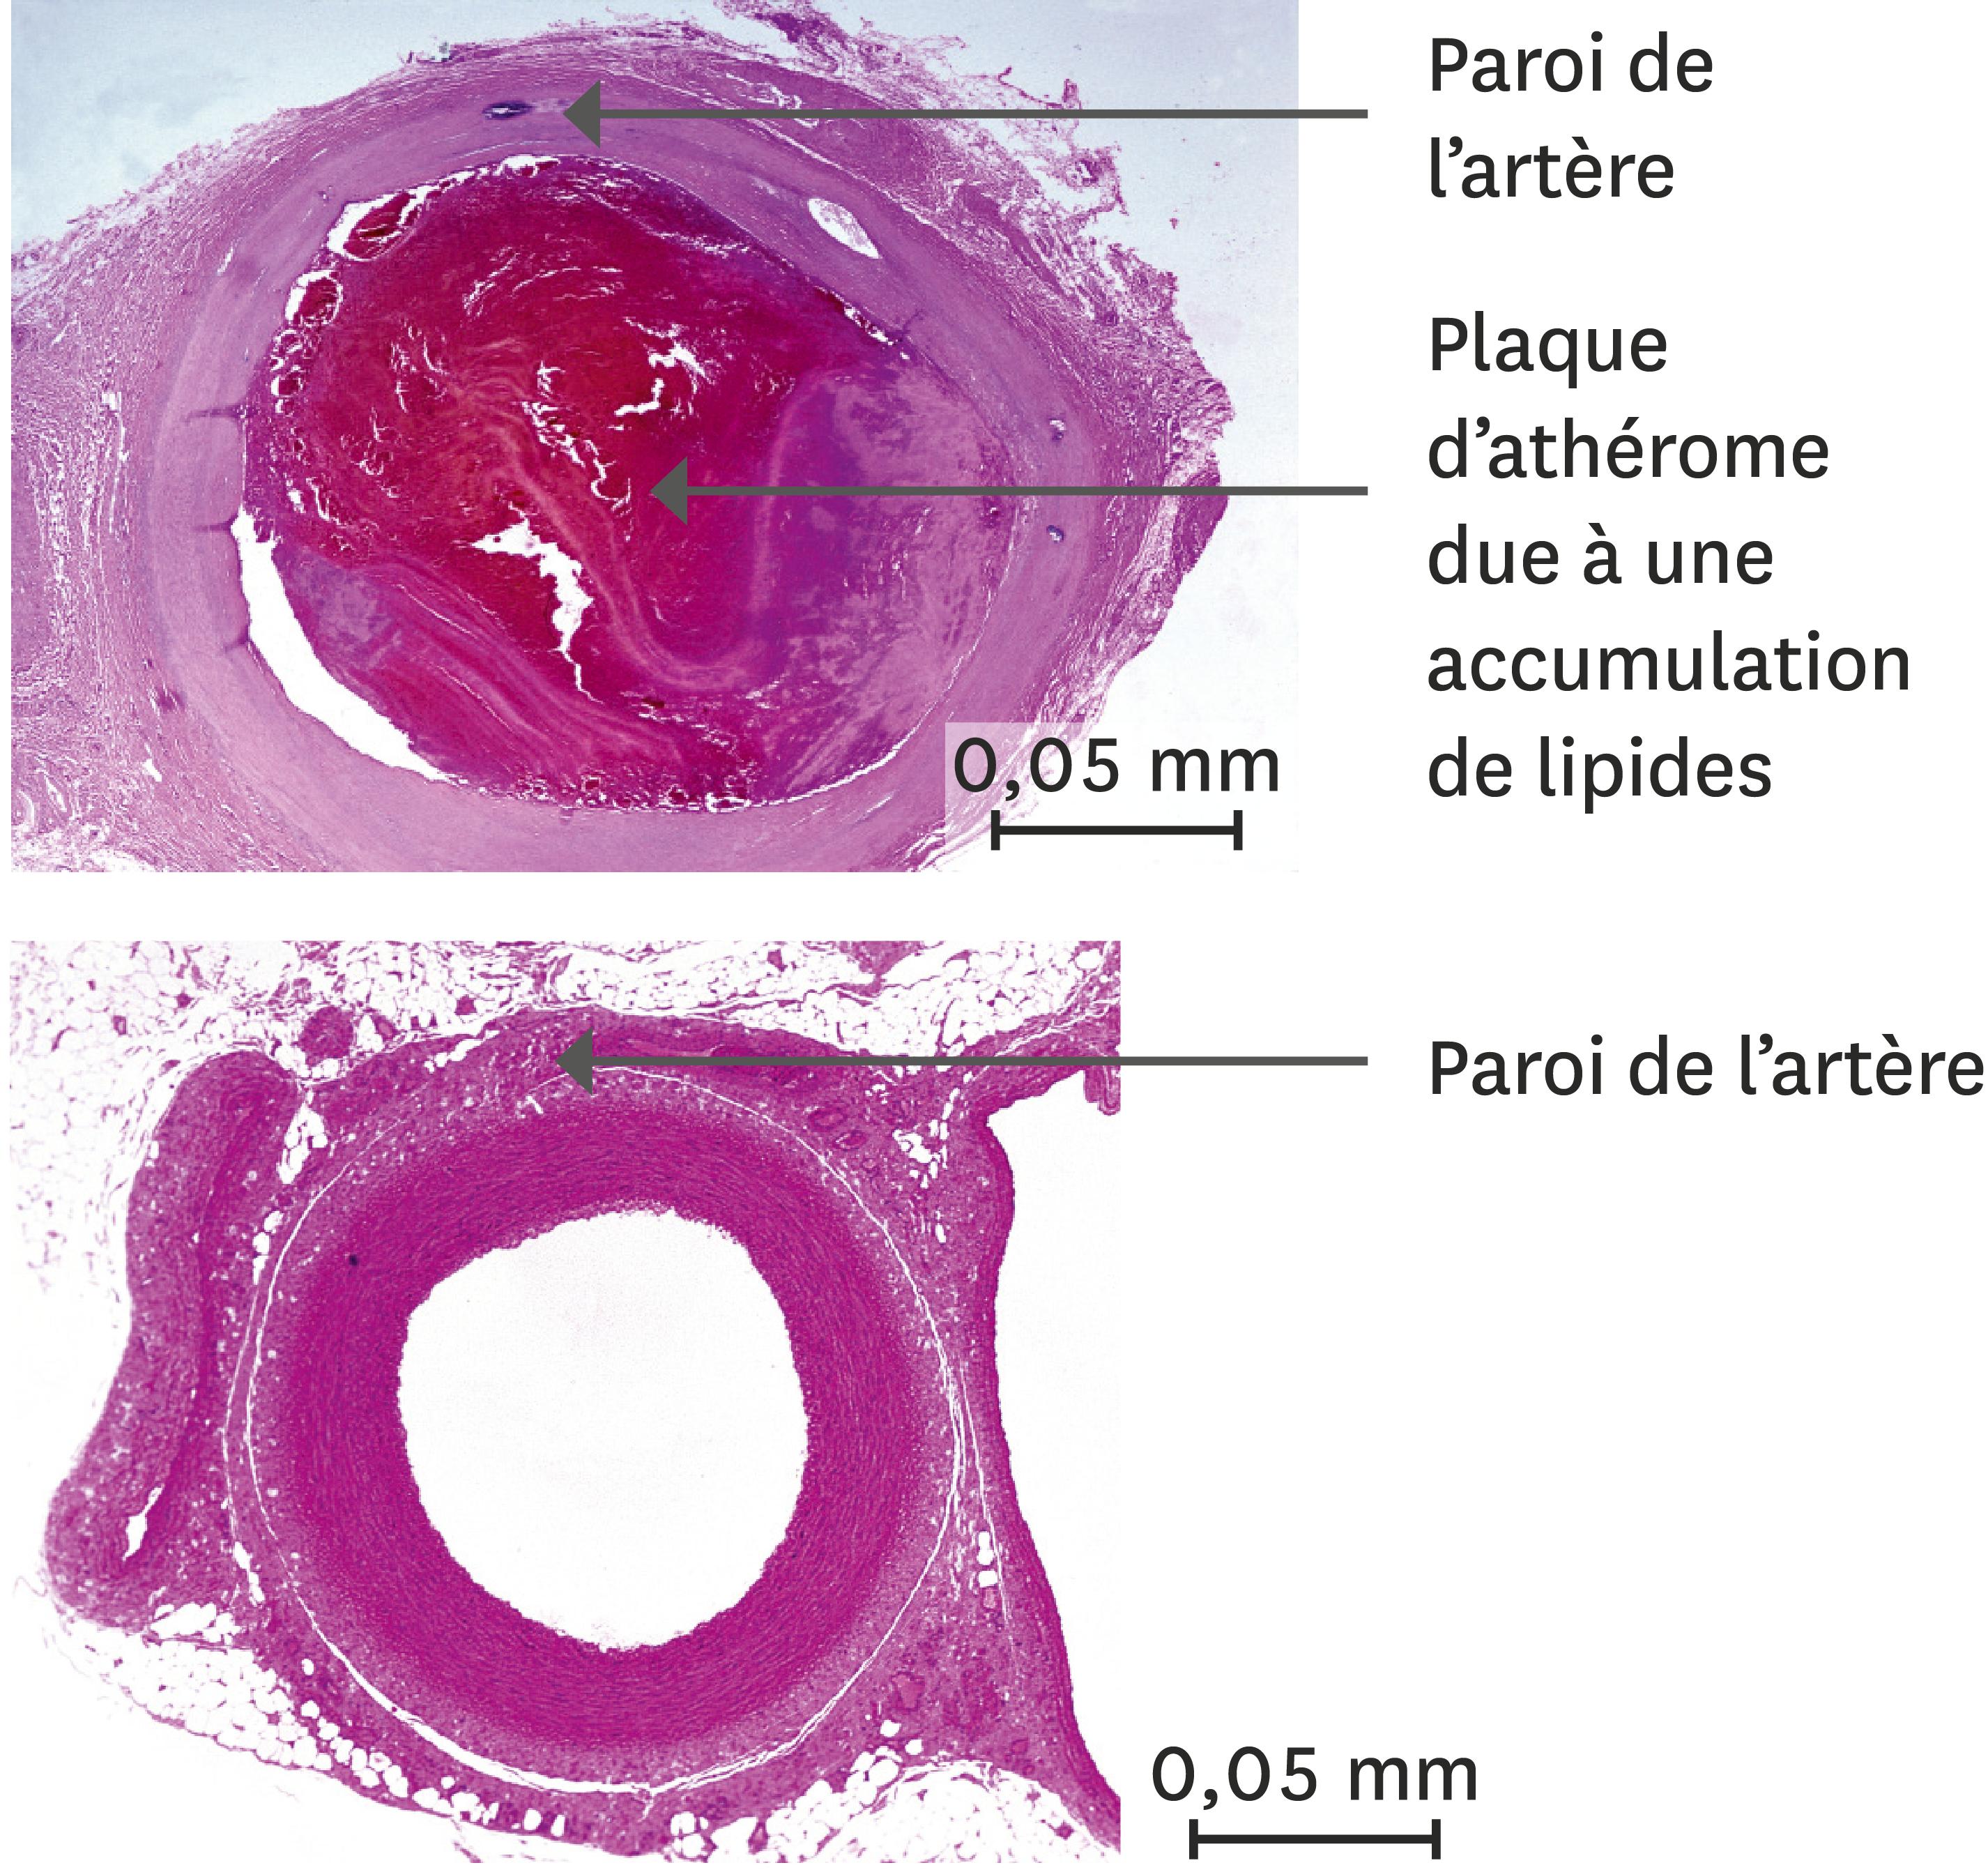 Une comparaison entre une artère d'un orteil en nécrose (en haut) et d'une artère normale (en bas).